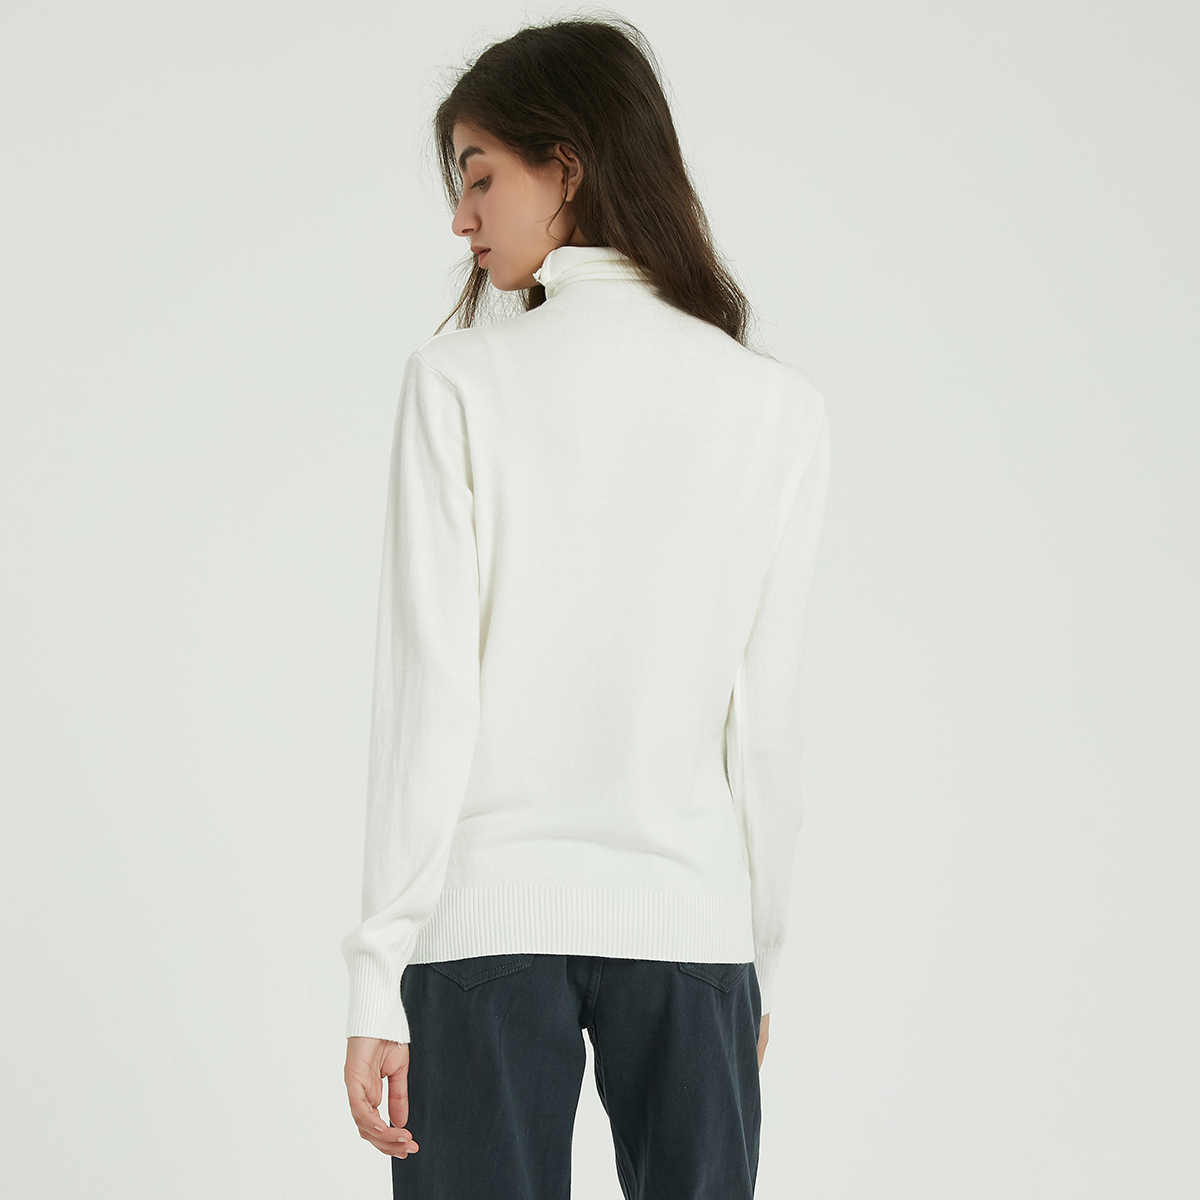 Wixra mujeres suave sólido tejido suéteres señoras de manga larga Casual cuello alto suéter básico Pullovers otoño primavera clásico tapas